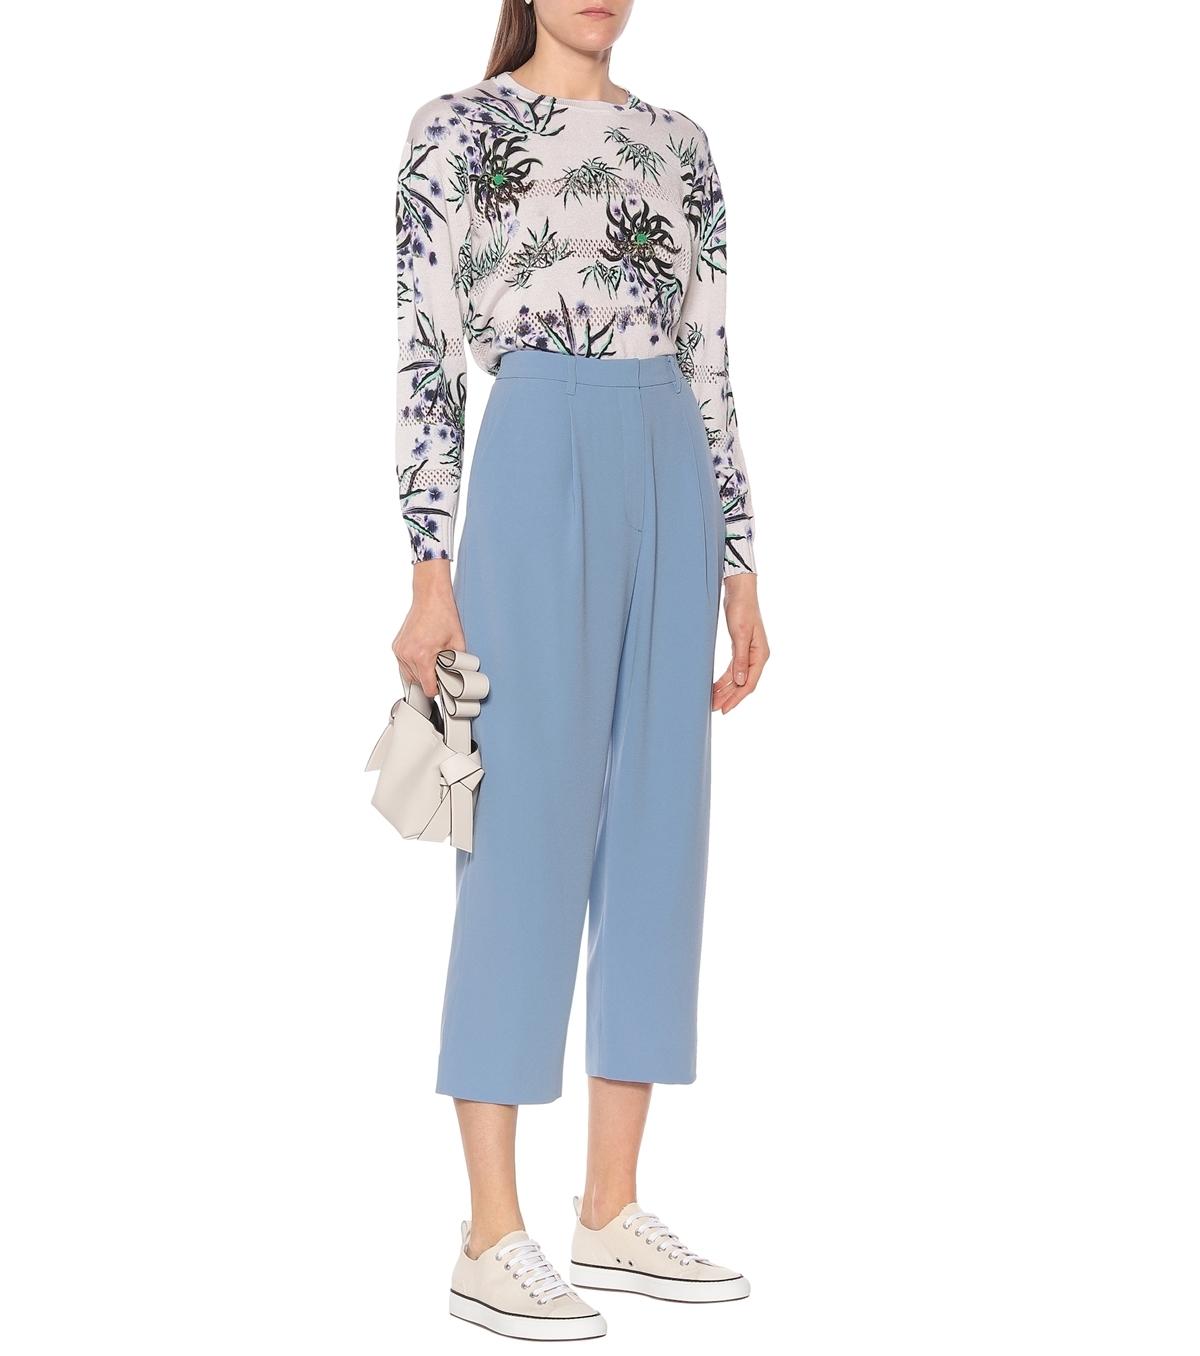 Kenzo chào hè với quần gam xanh pastel, cắt may khéo léo tạo nếp gấp đồng đều. Hãng gợi ý phái nữmix với áo hoa để tôn vẻ nữ tính. Giá từ nhà sản xuất 304 AUD (gần 4,7 triệu).